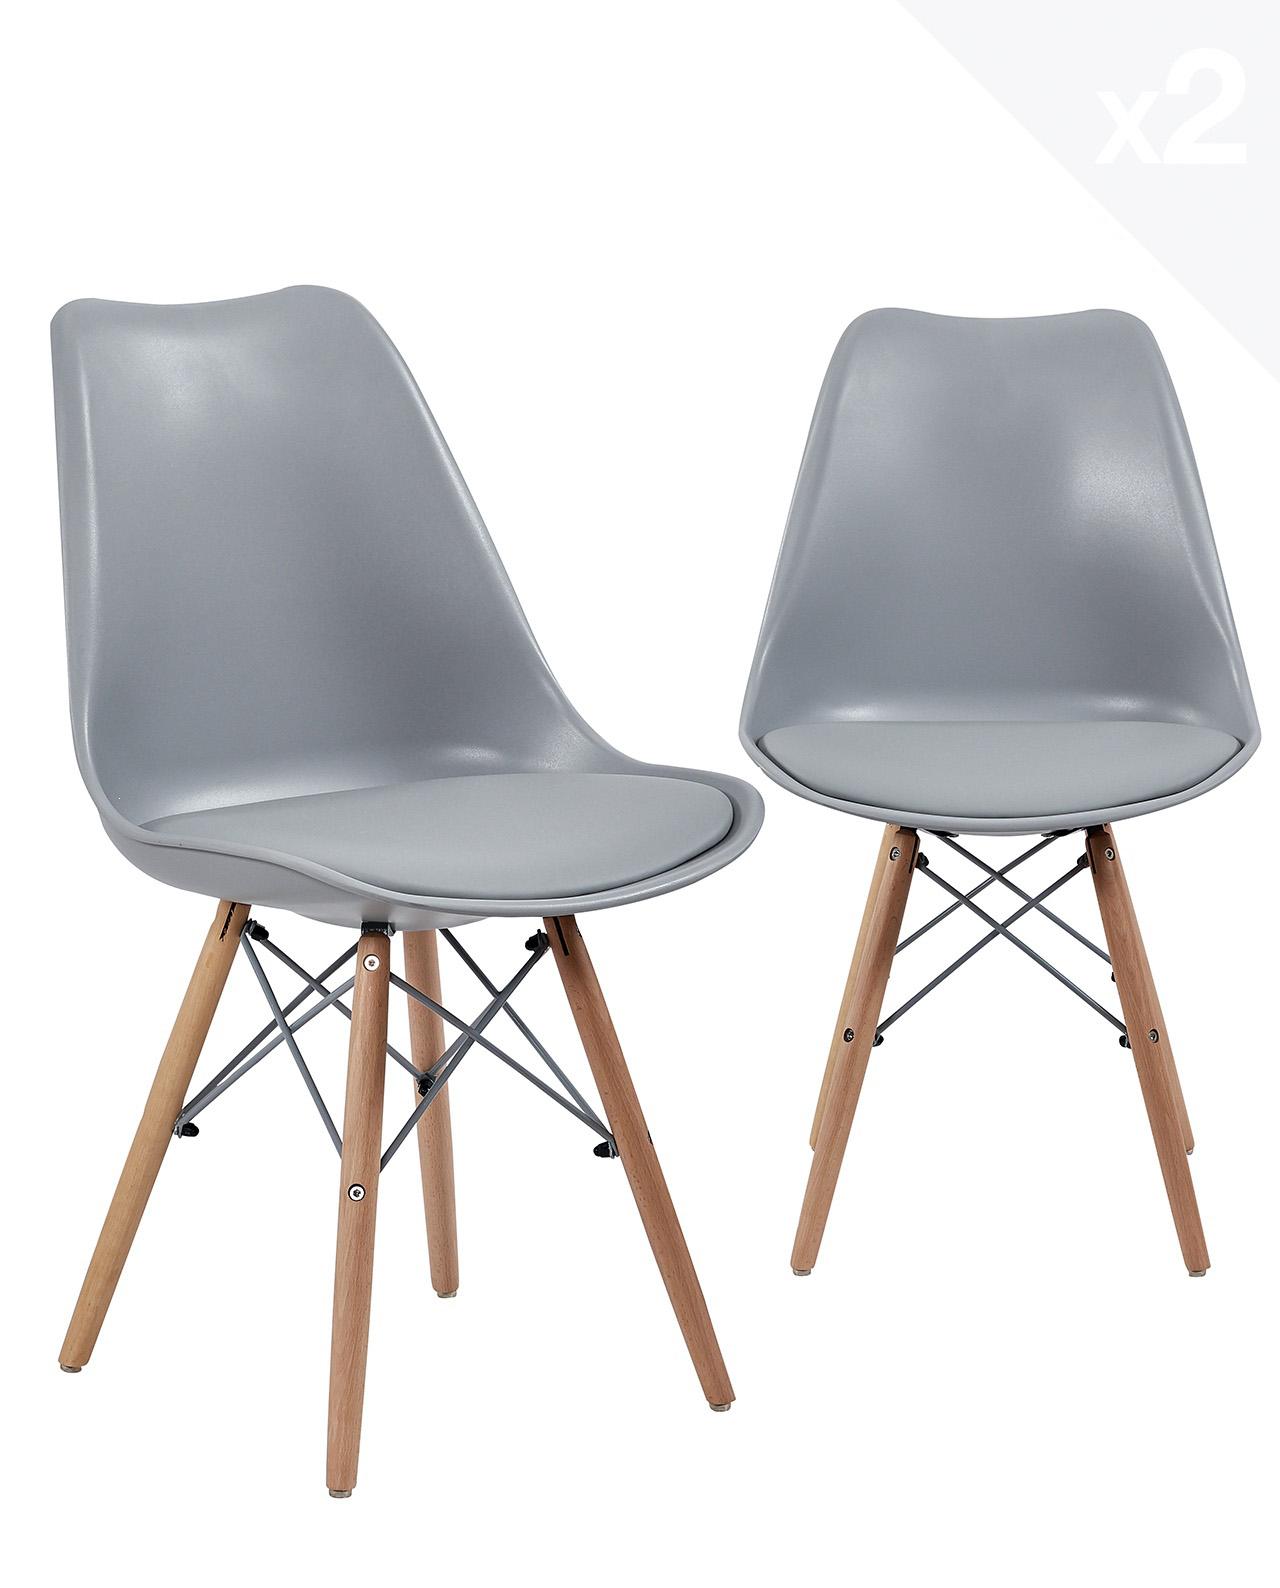 chaise scandinave avec coussin nasi lot de 2